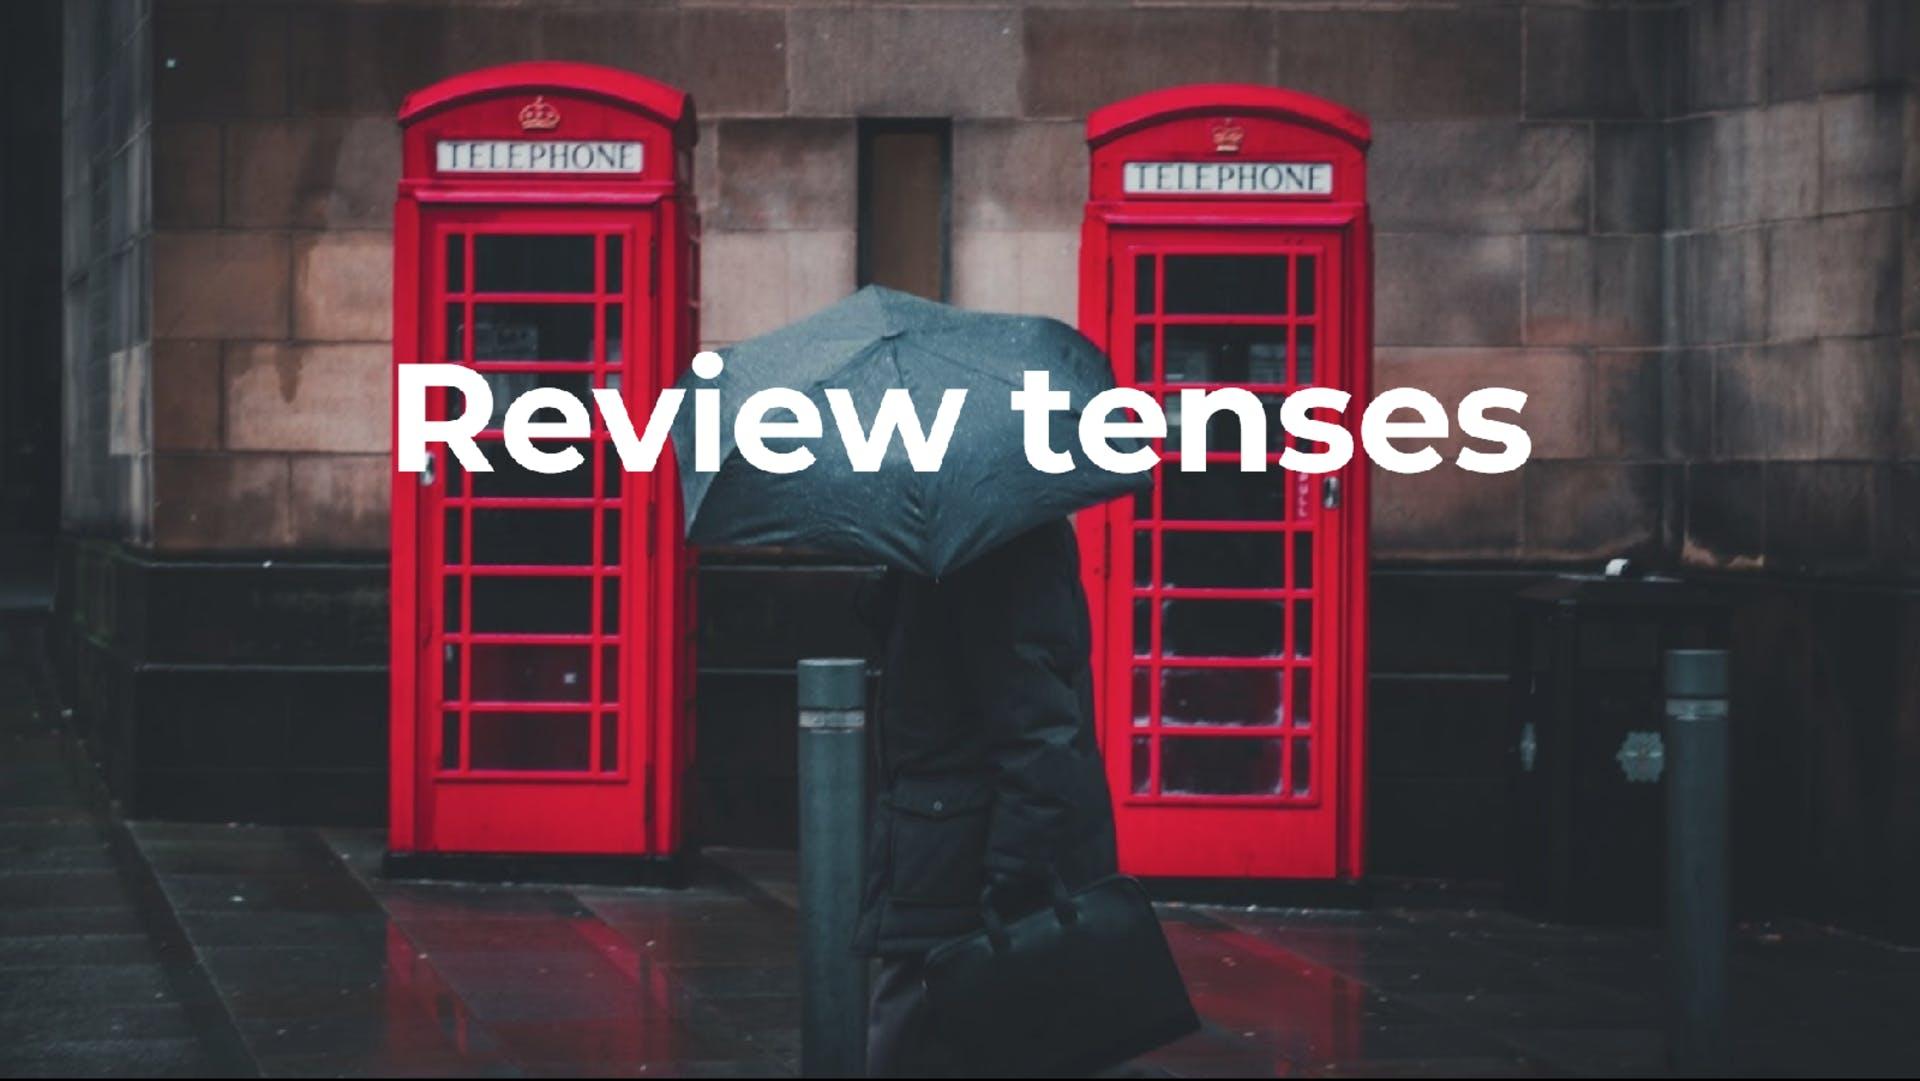 Les review tenses